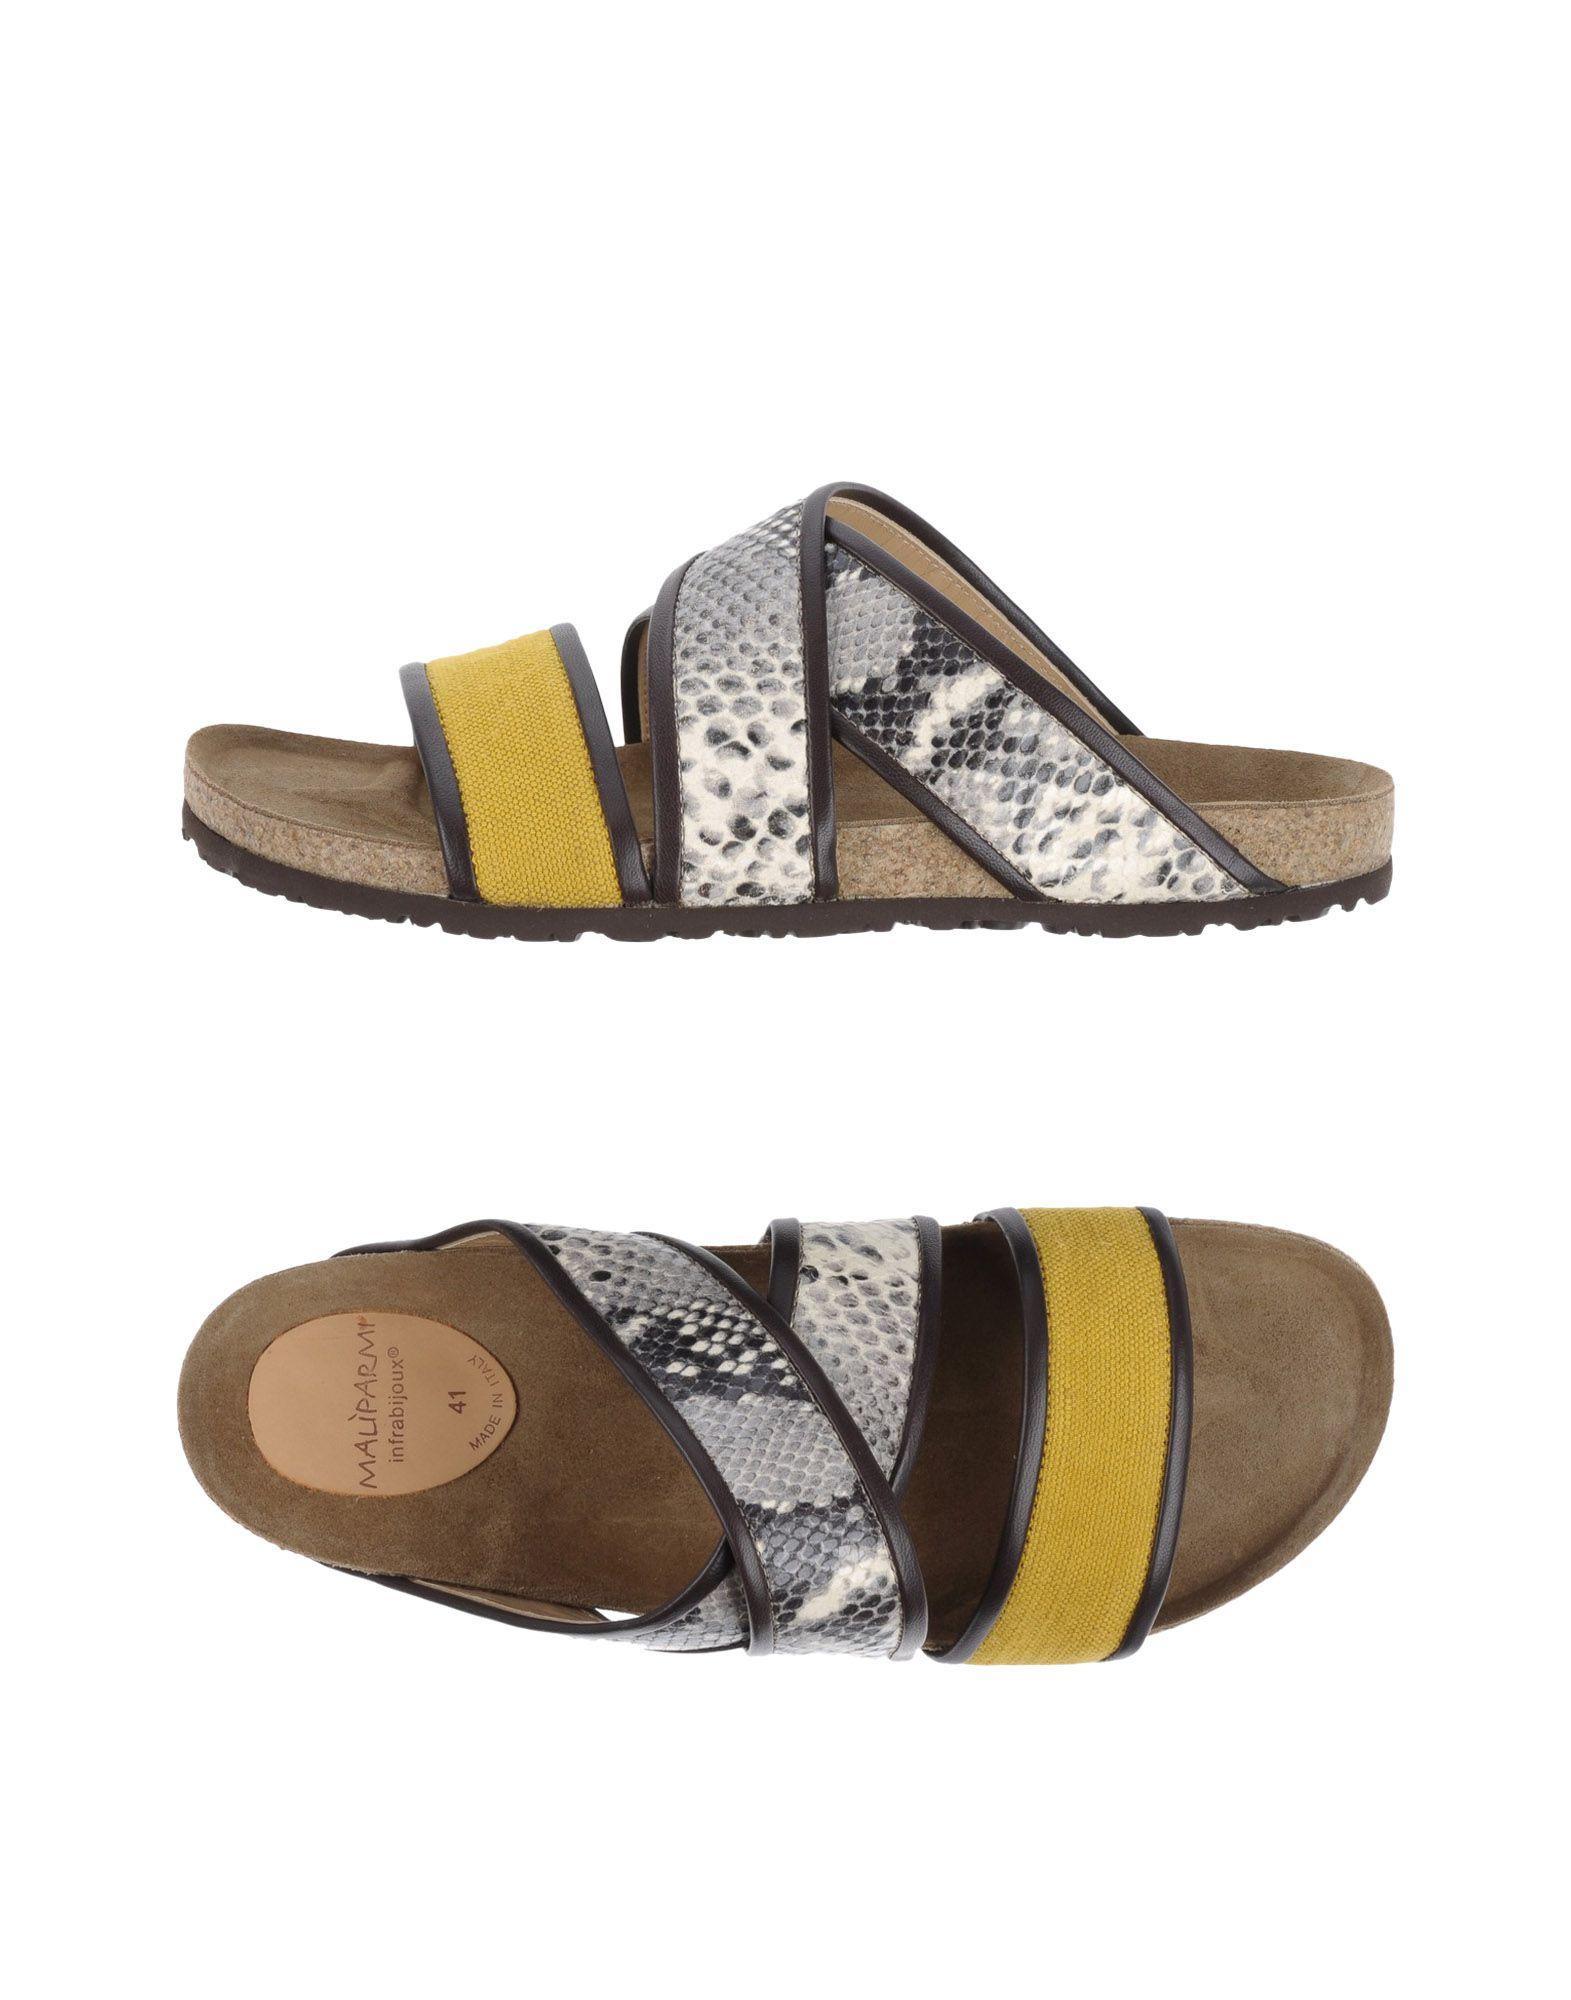 Haltbare Mode billige Schuhe Malìparmi Heiße Sandalen Damen  11146288HG Heiße Malìparmi Schuhe 6cfedd